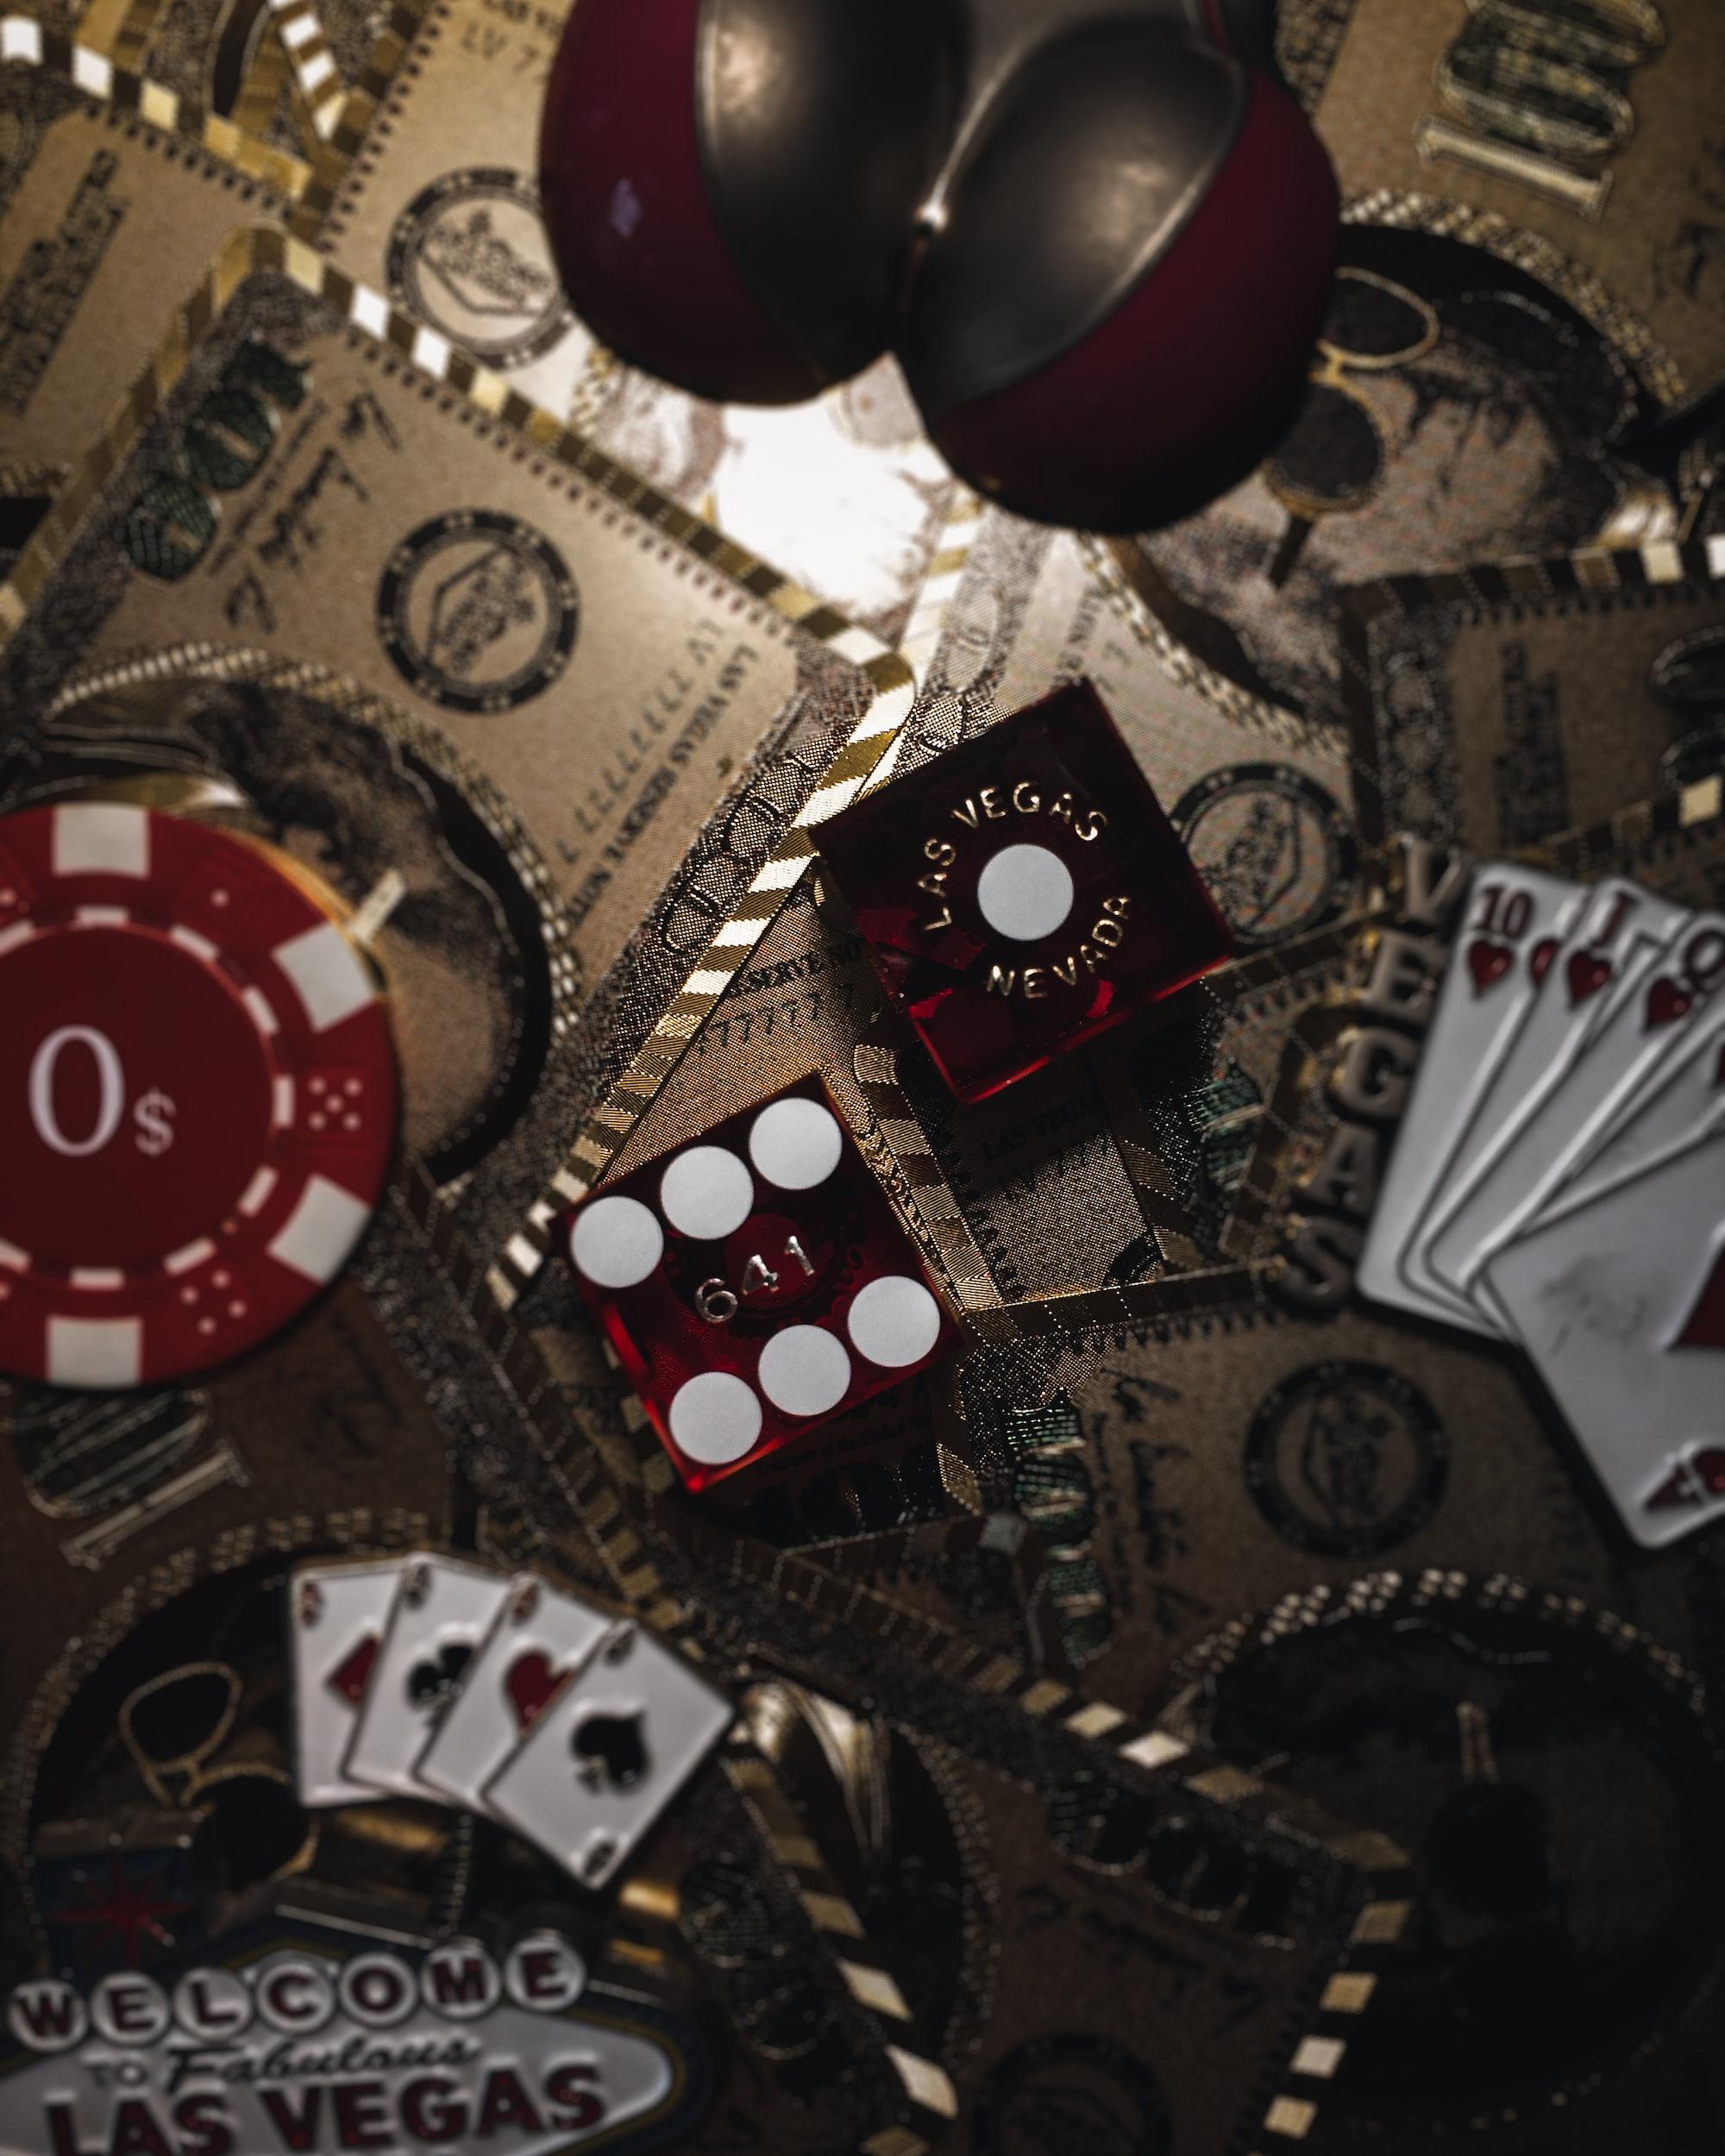 Estrazioni Lotto, Superenalotto e 10eLotto 27/05/21: i numeri vincenti